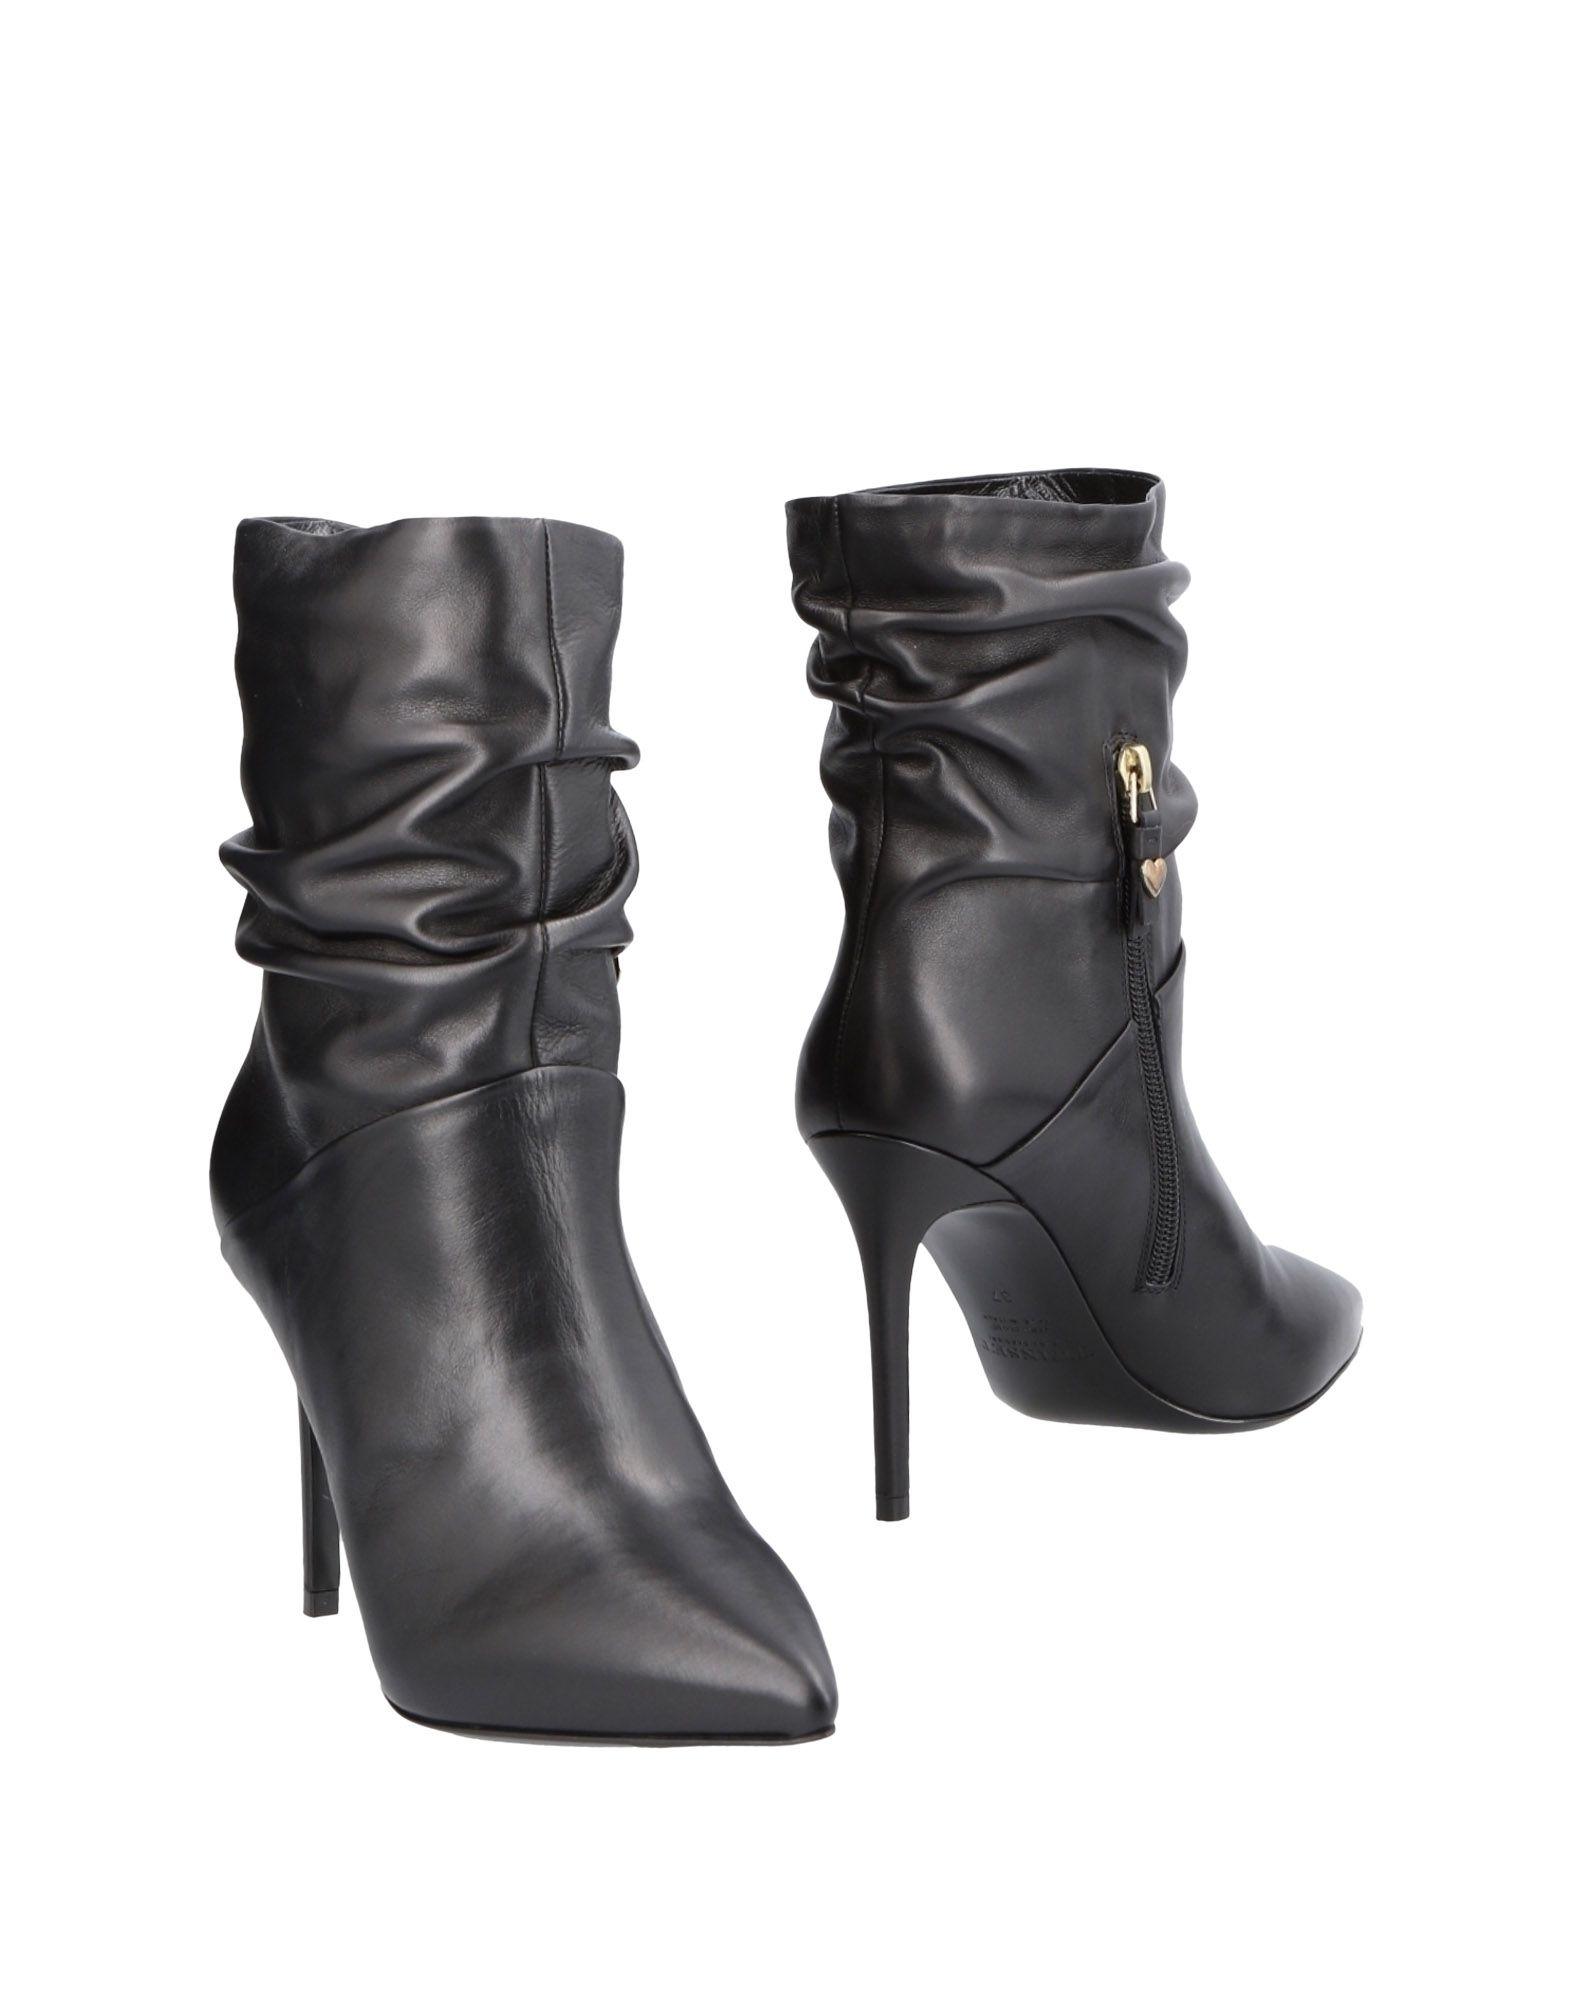 Bottine Twin-Set Simona Barbieri Femme - Bottines Twin-Set chaussures Simona Barbieri Noir Nouvelles chaussures Twin-Set pour hommes et femmes, remise limitée dans le temps feffc7